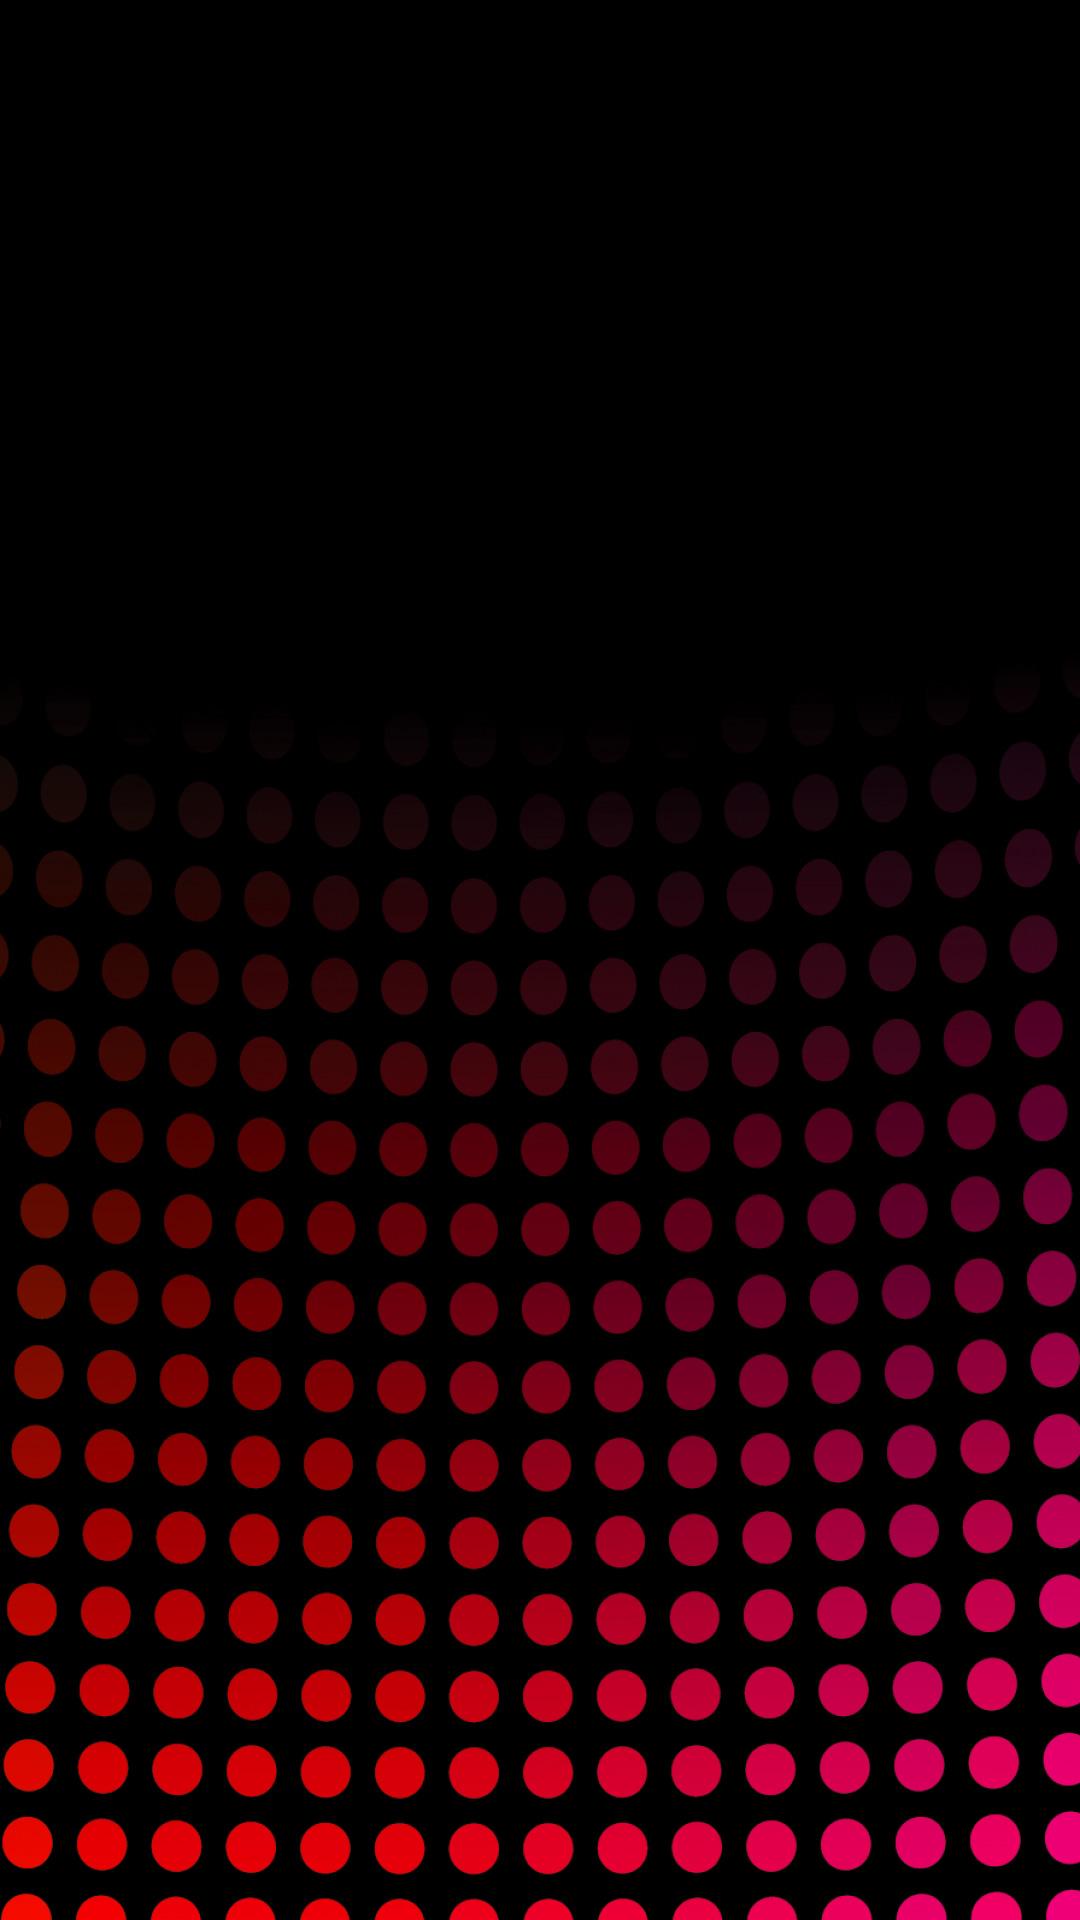 黒と赤の抽象的なパターンモバイル壁紙